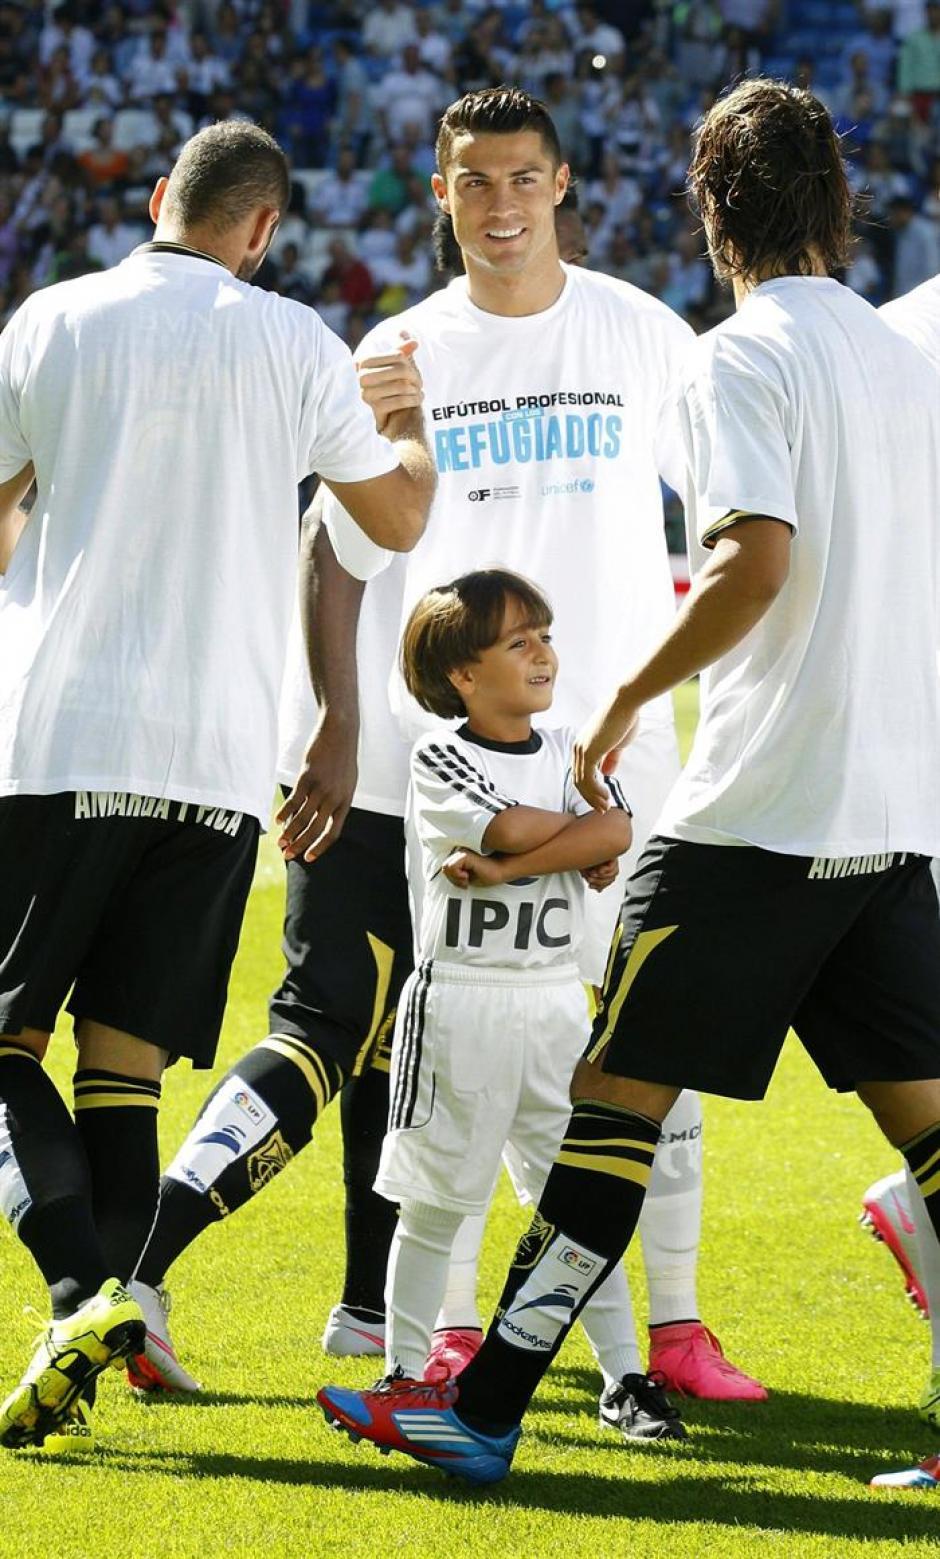 Zaid Abdul, el niño refugiado sirio, en el césped del Santiago Bernabéu vestido con la equipación del Real Madrid junto a Cristiano Ronaldo. (Foto: EFE)